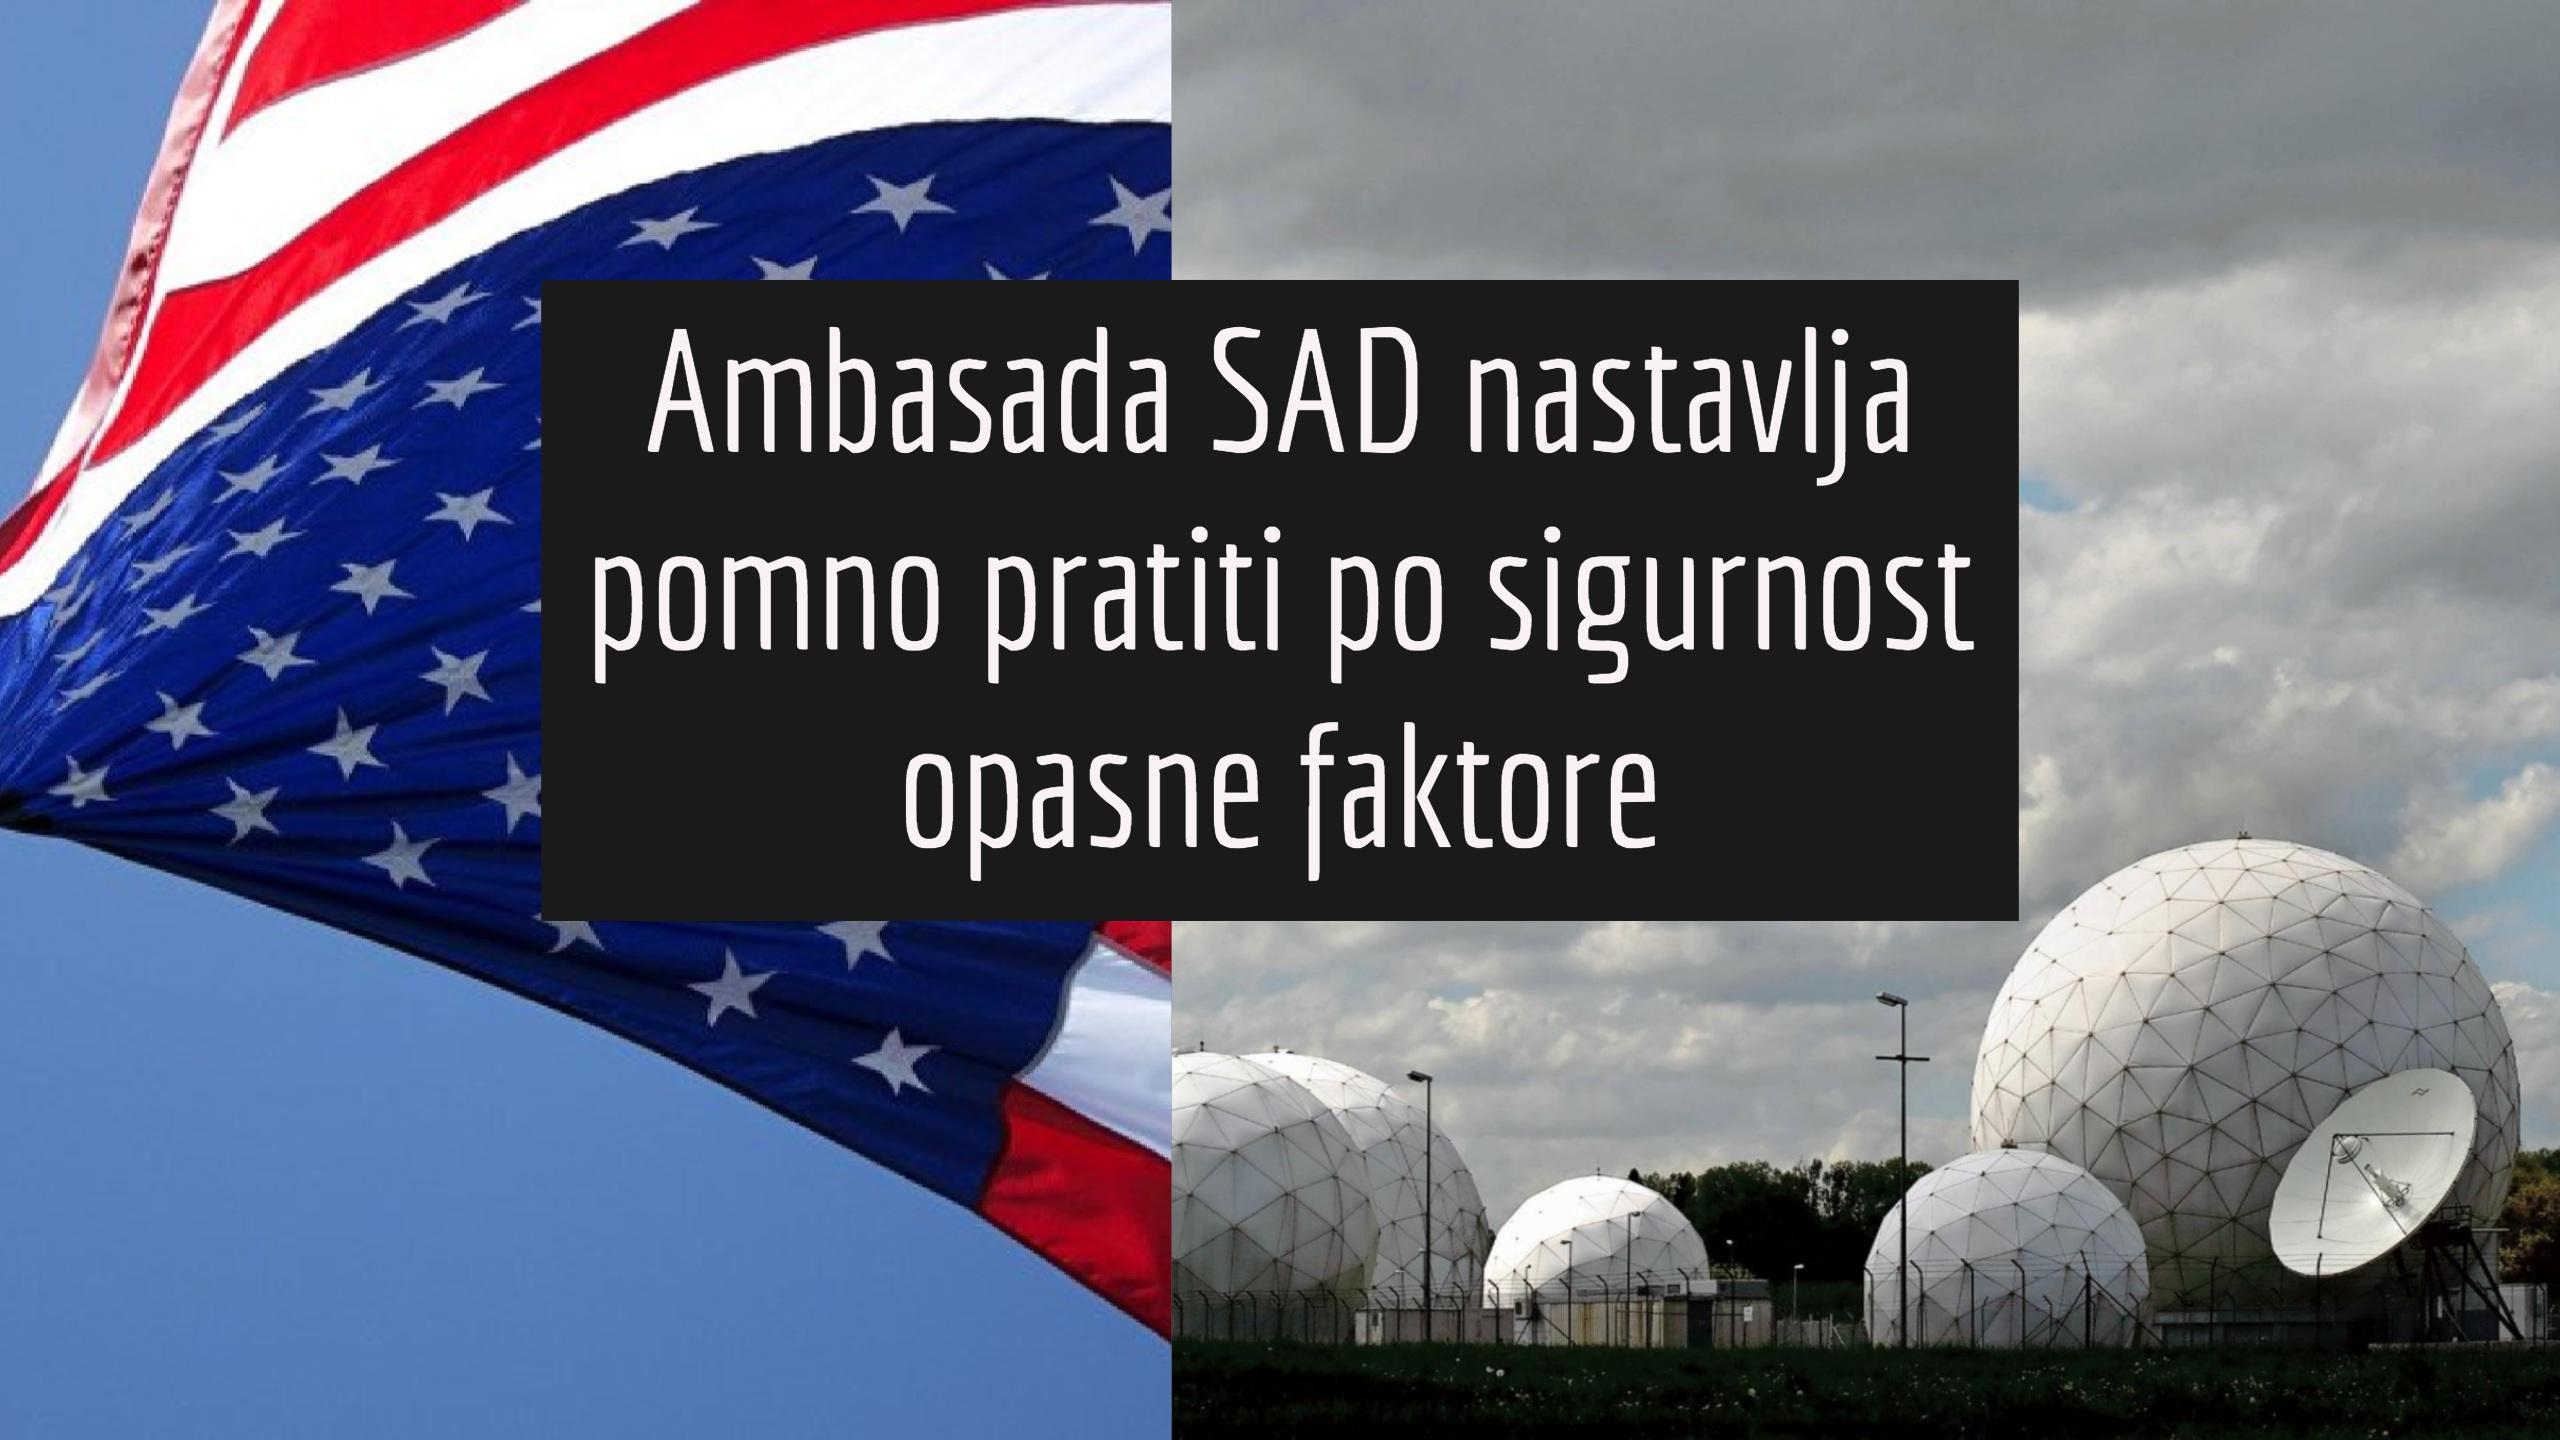 Ambasada SAD demantuje manji BiH entitet: Nemamo u planu obuku